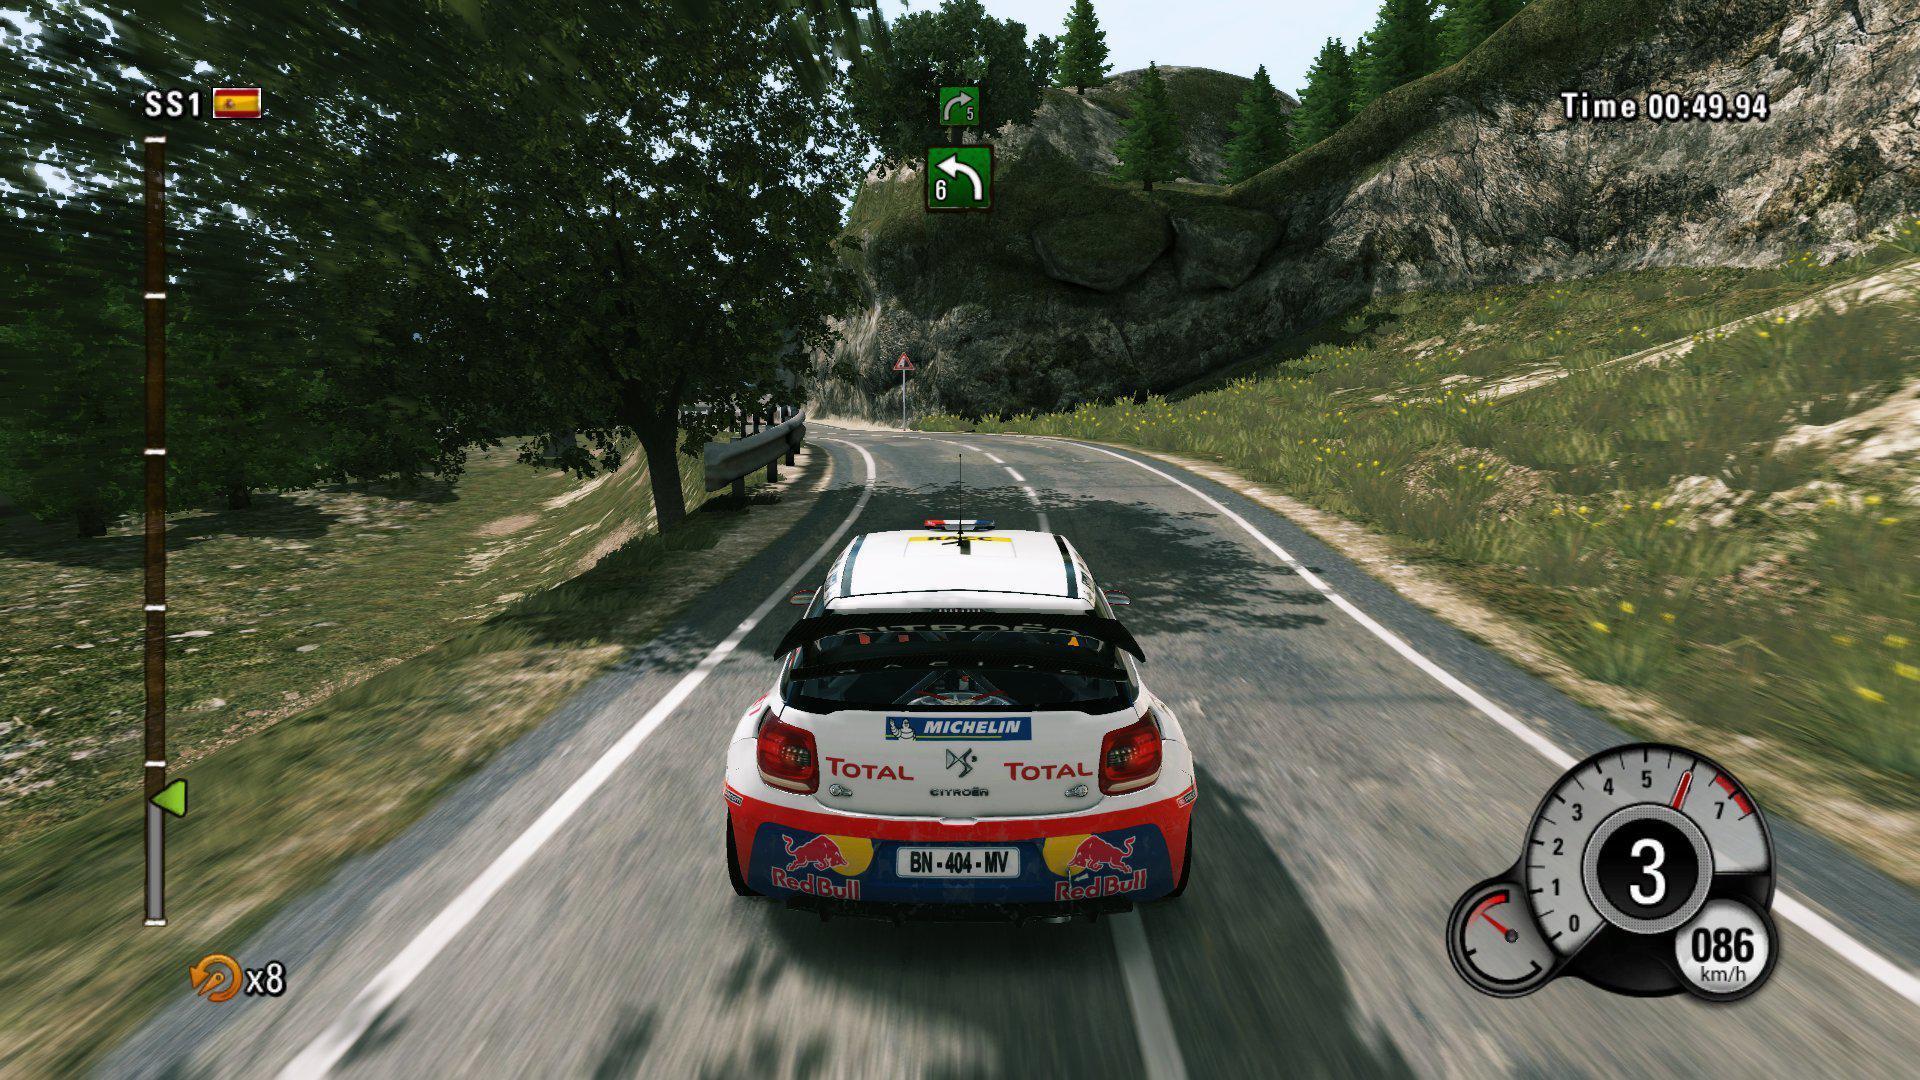 Wrc 5, Le Jeu De Simulation De Courses De Rallye Disponible encequiconcerne Jeux De Course Gratuit A Telecharger Pour Pc